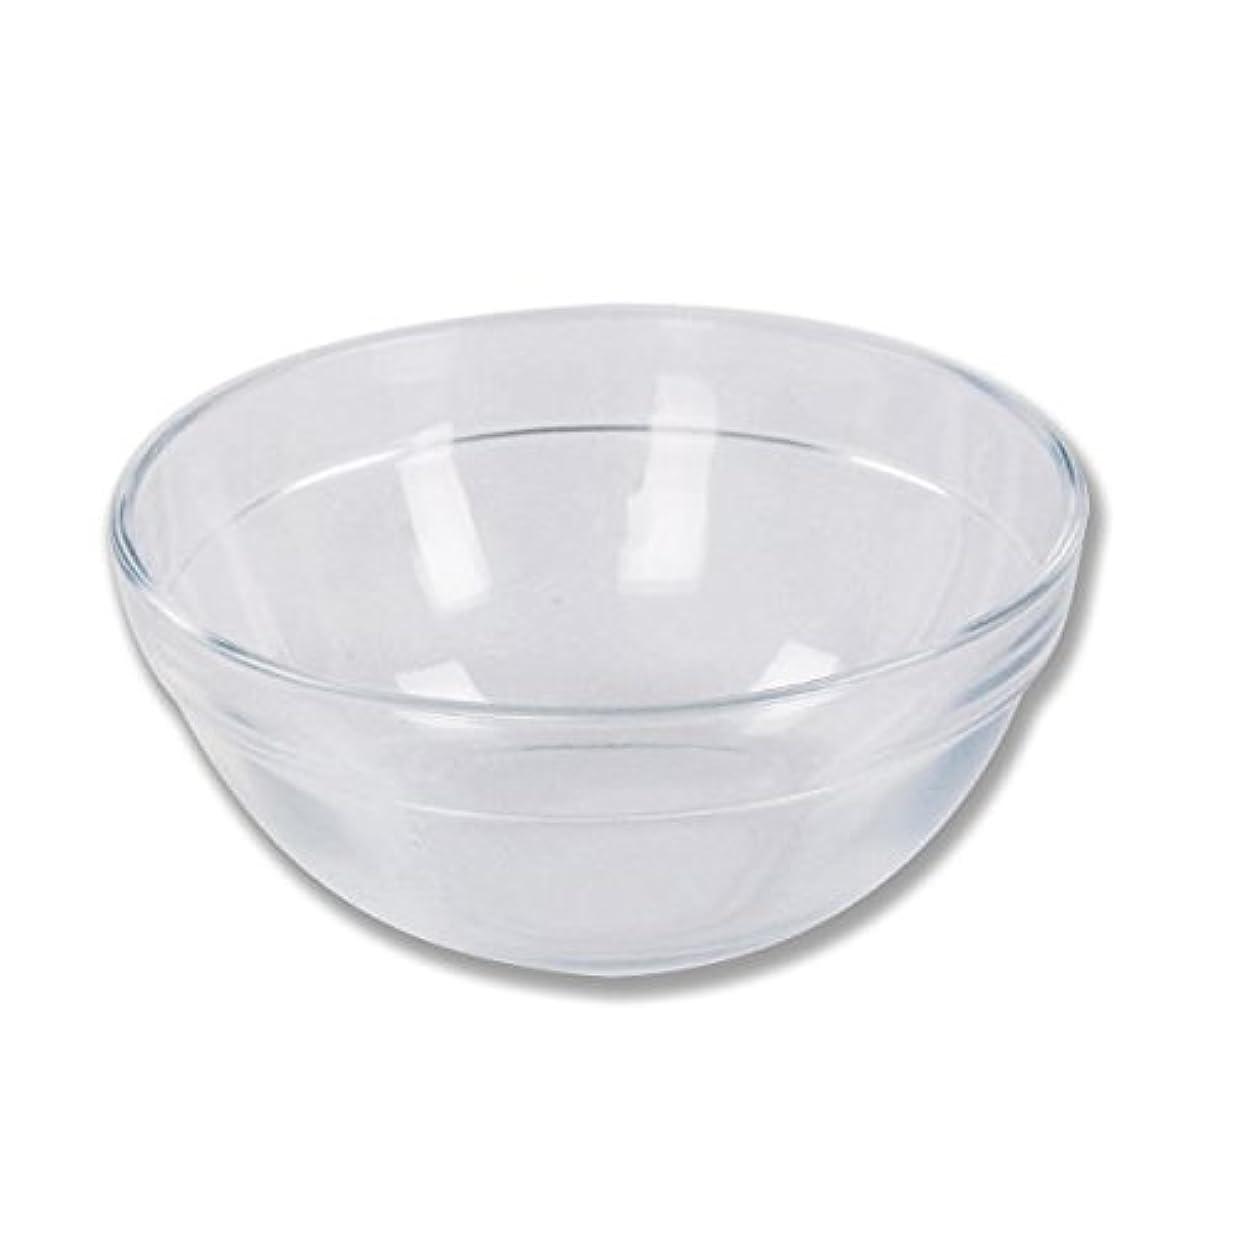 国籍パット寛大さガラスボウル (XLサイズ) [ ガラスボール カップボウル カップボール エステ サロン ガラス ボウル カップ 高級感 ]